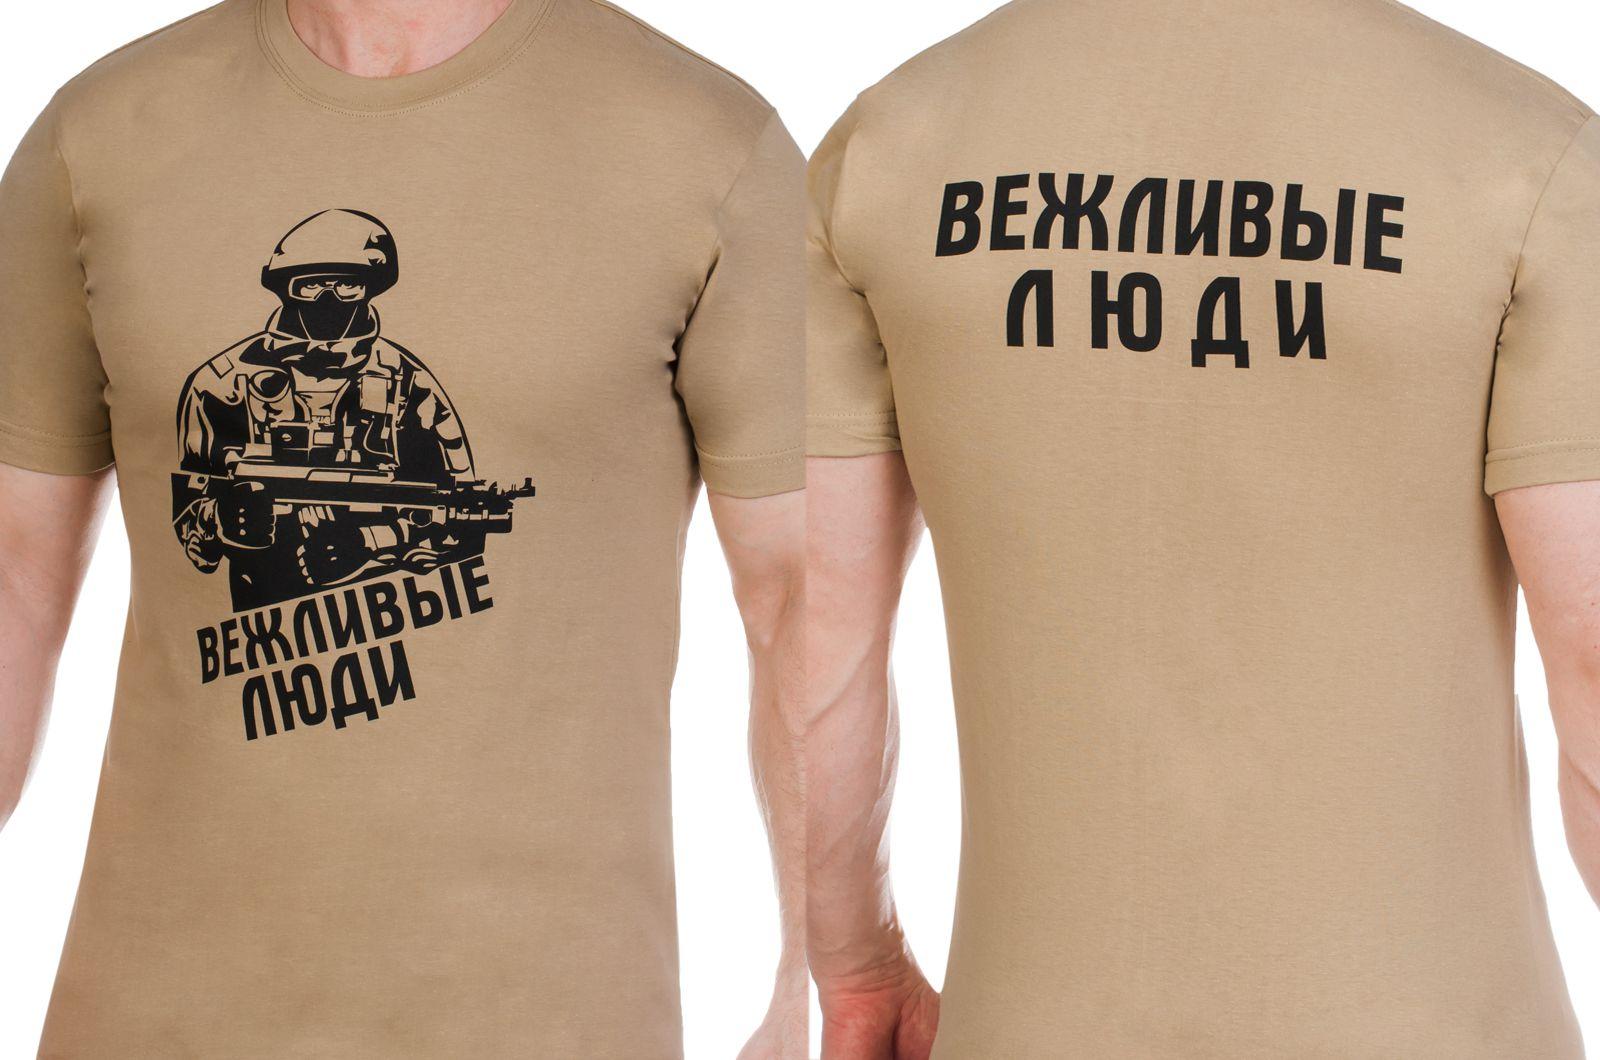 """Заказать футболки """"Вежливые военные люди"""""""